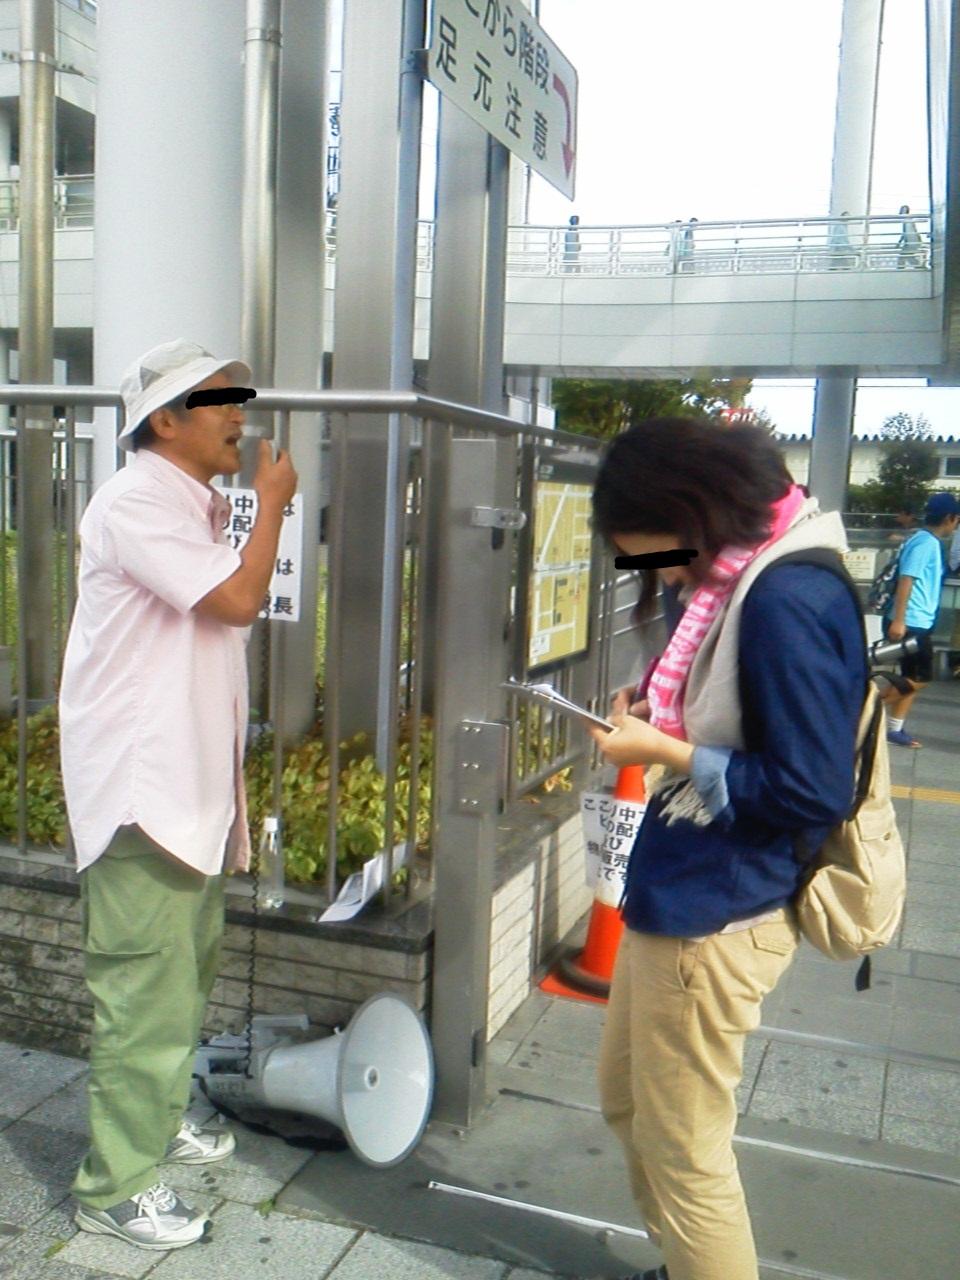 02ナゴヤドーム前名城住宅街宣2012.10.13